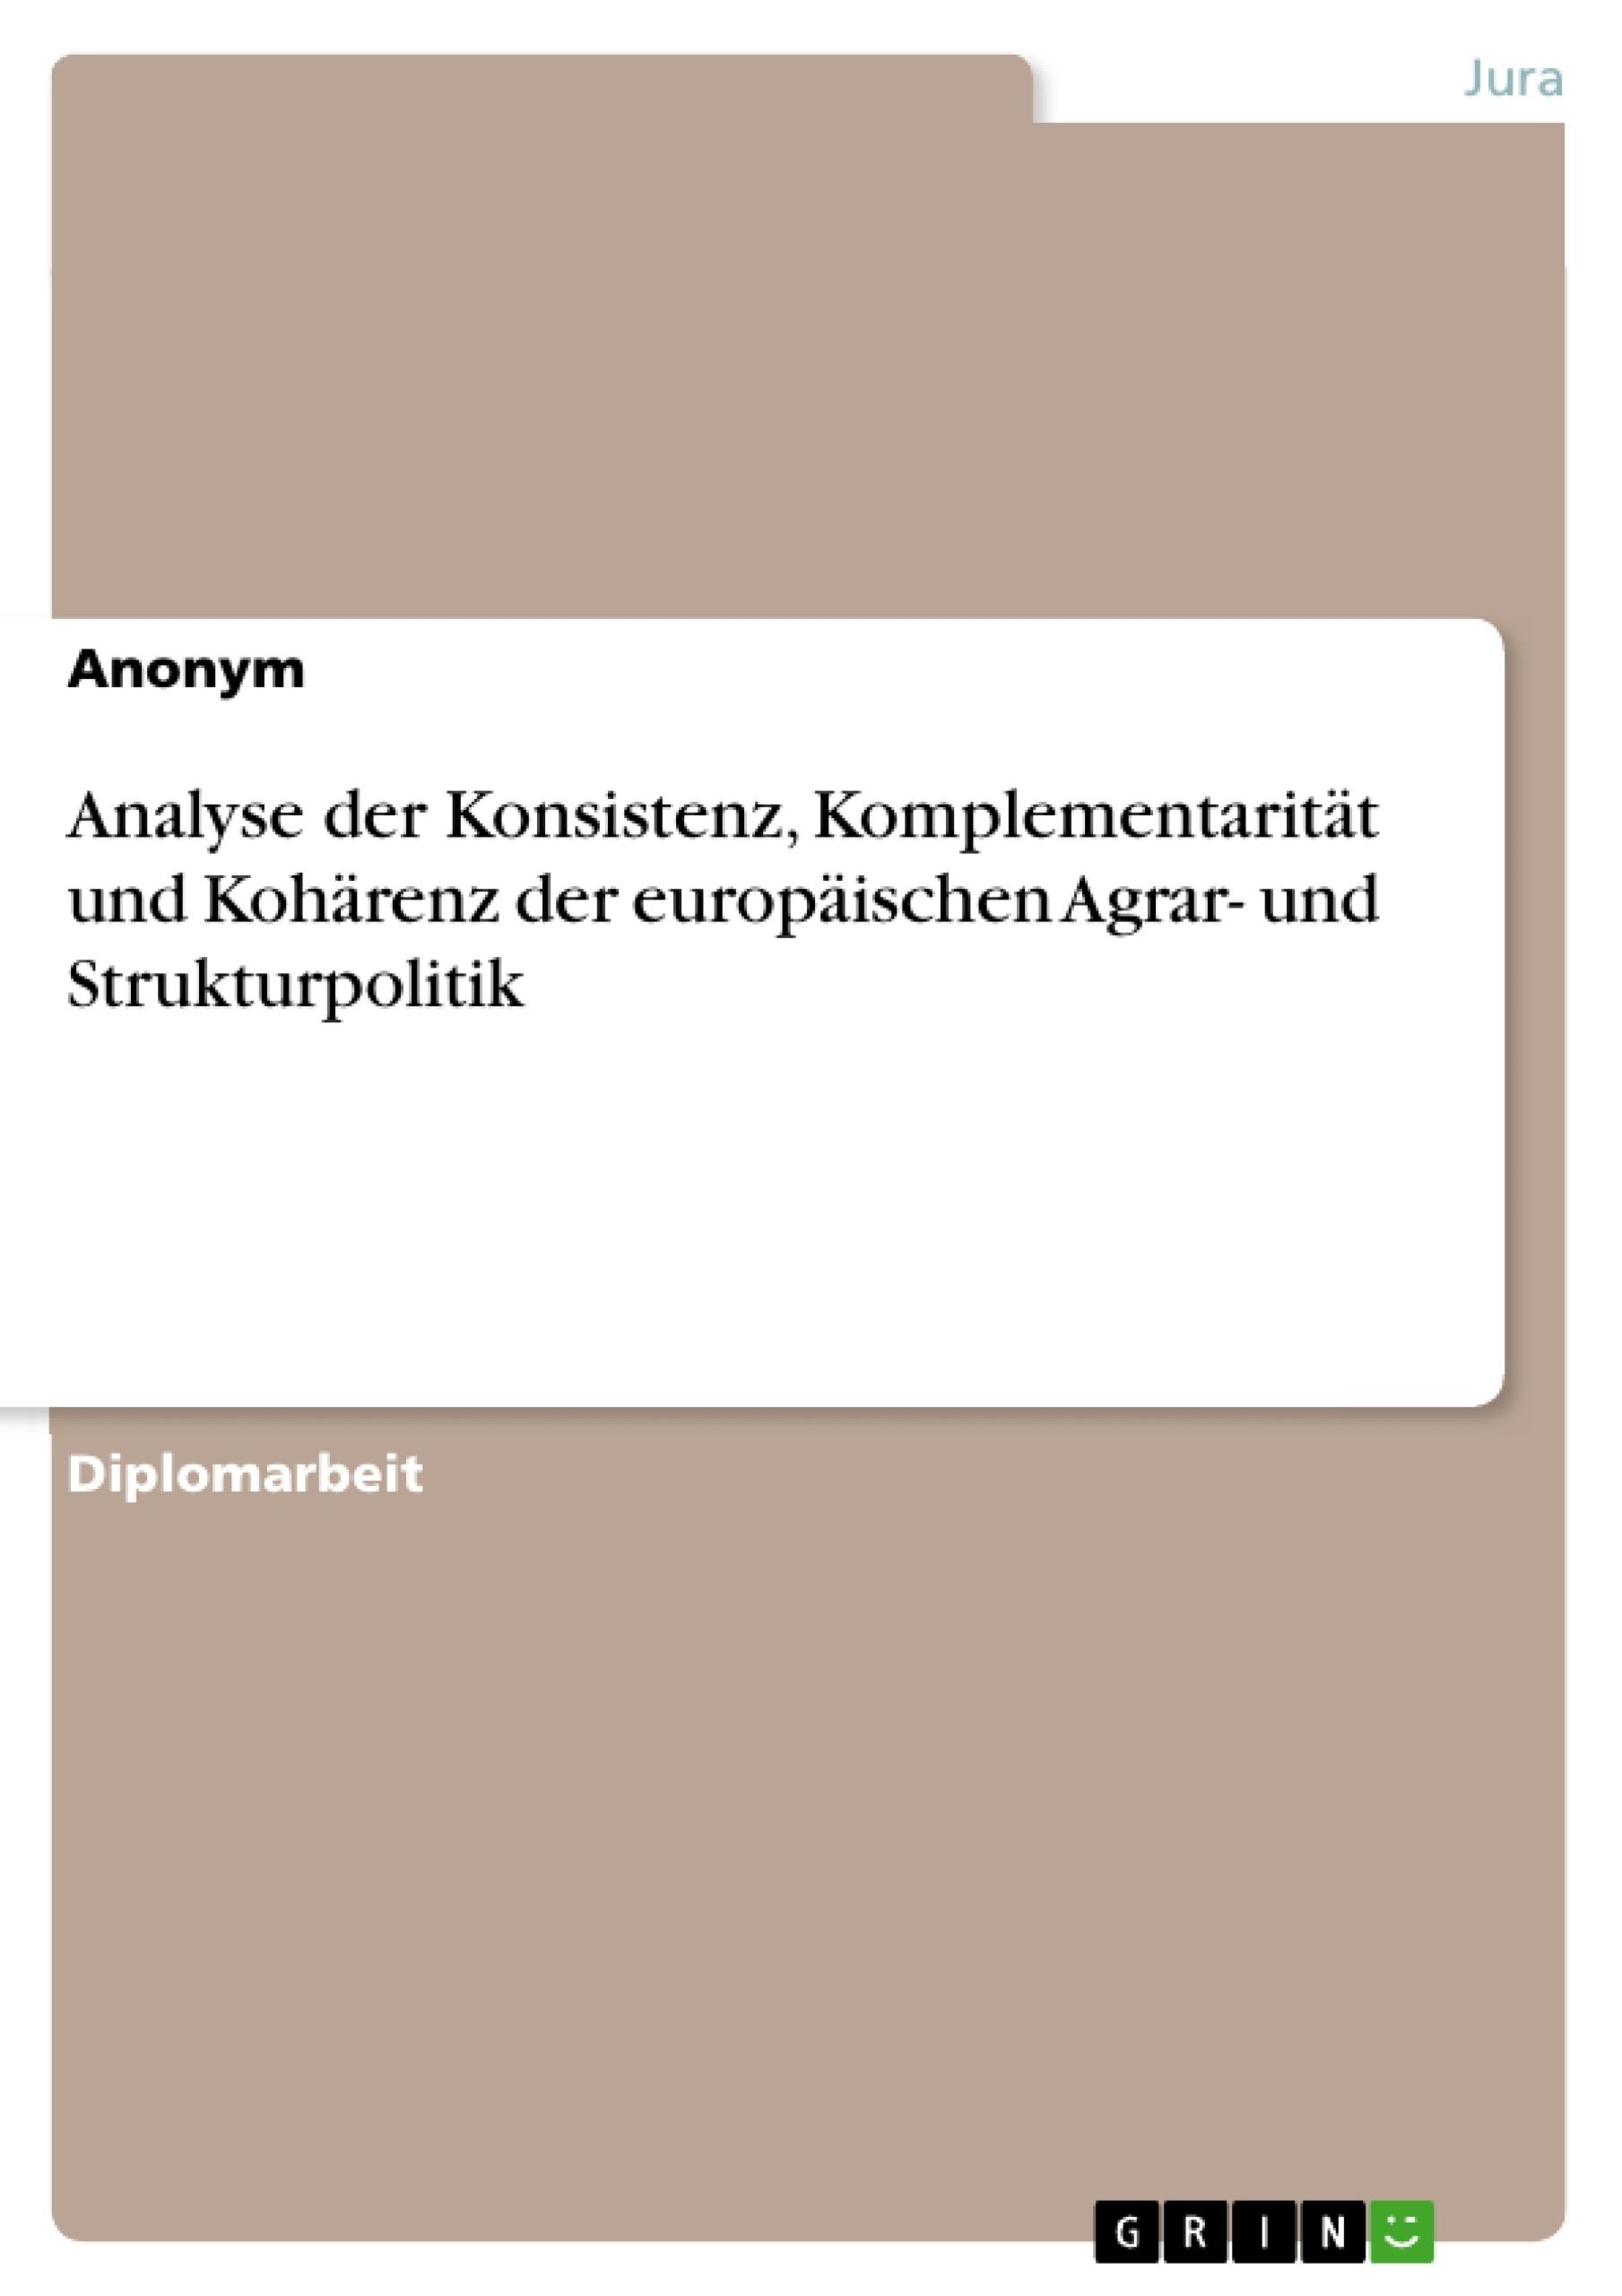 Titel: Analyse der Konsistenz, Komplementarität und Kohärenz der europäischen Agrar- und Strukturpolitik